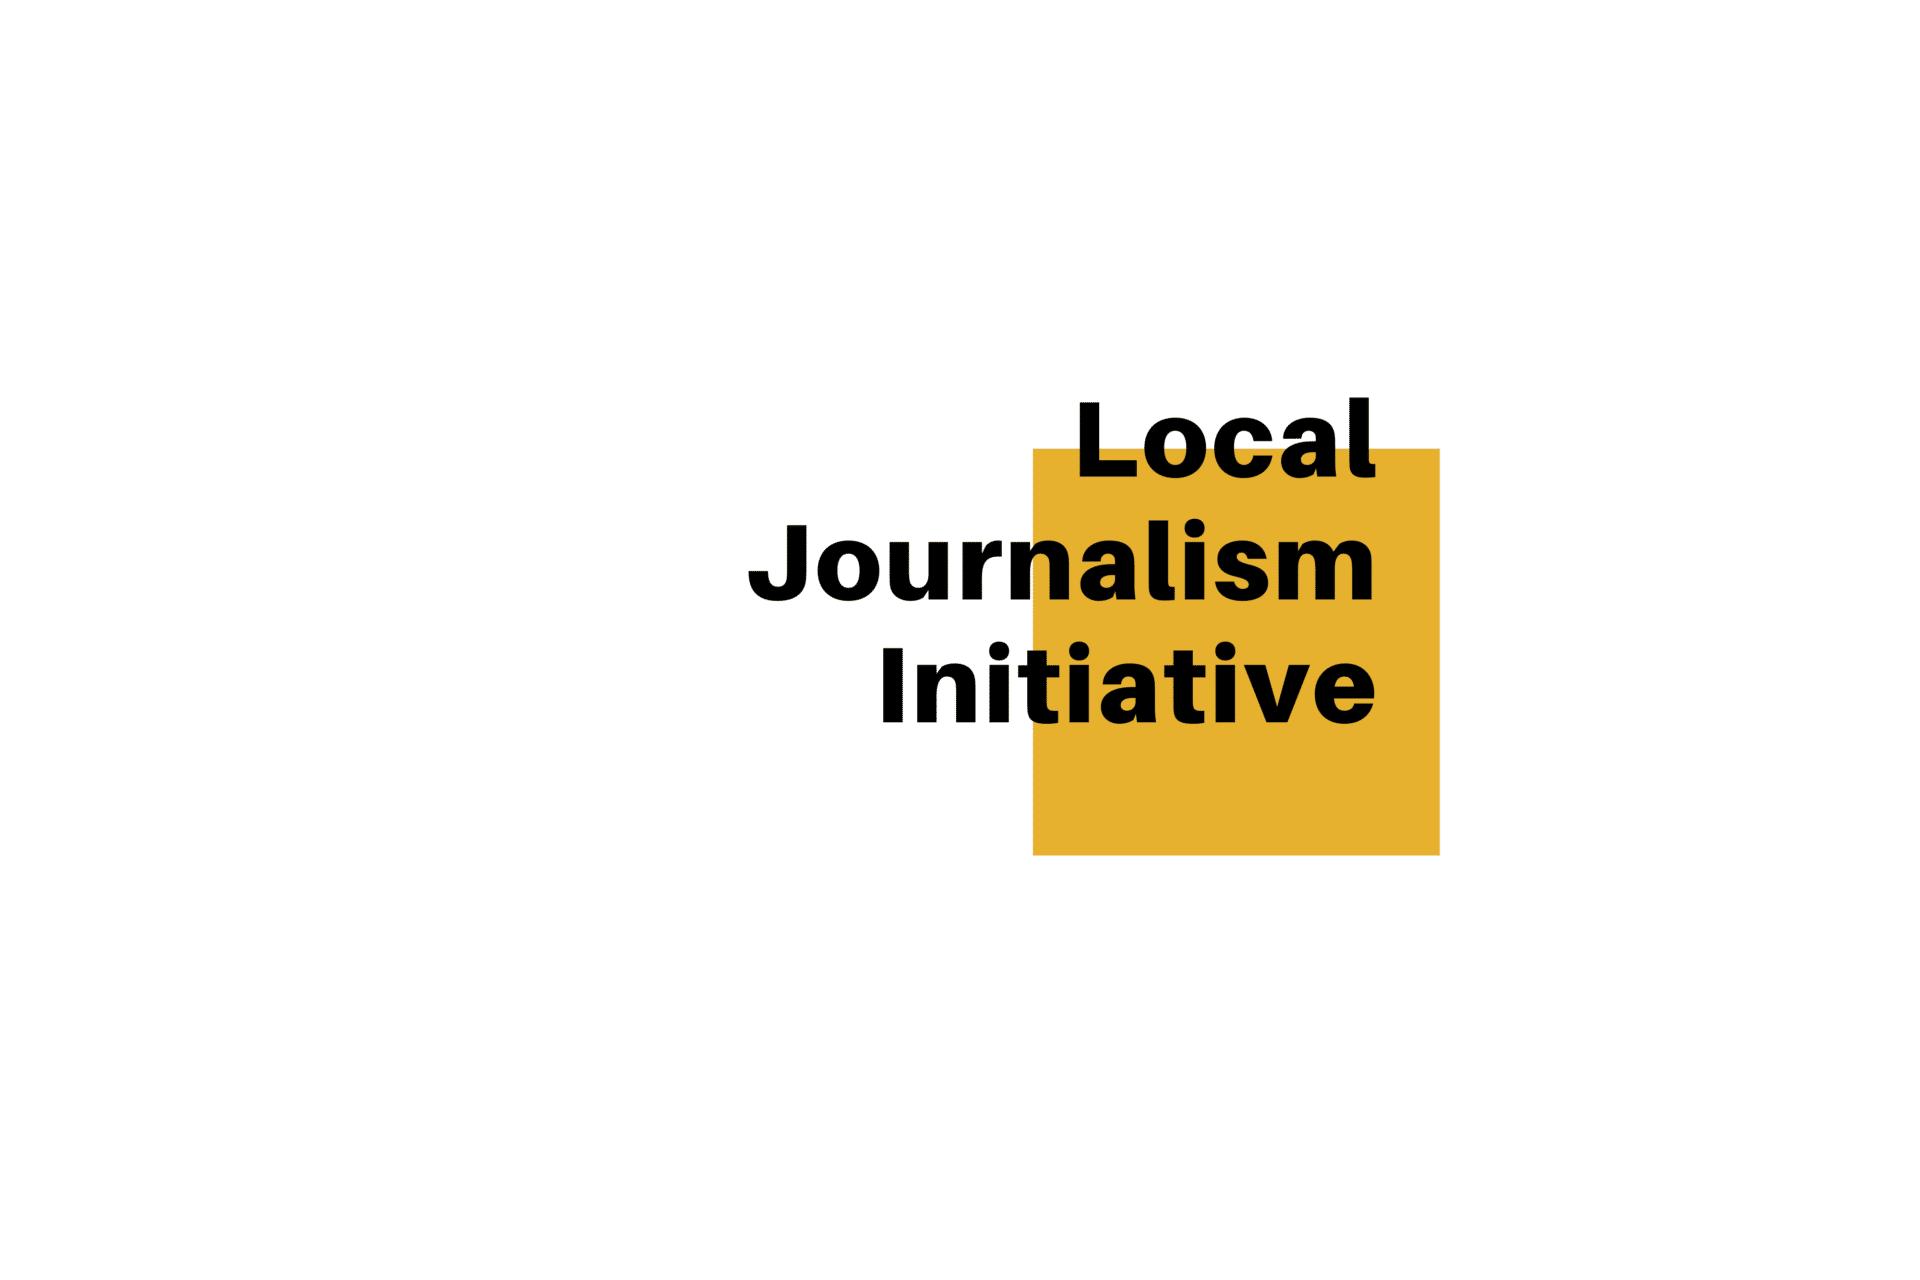 Local Journalism Initiative - title card